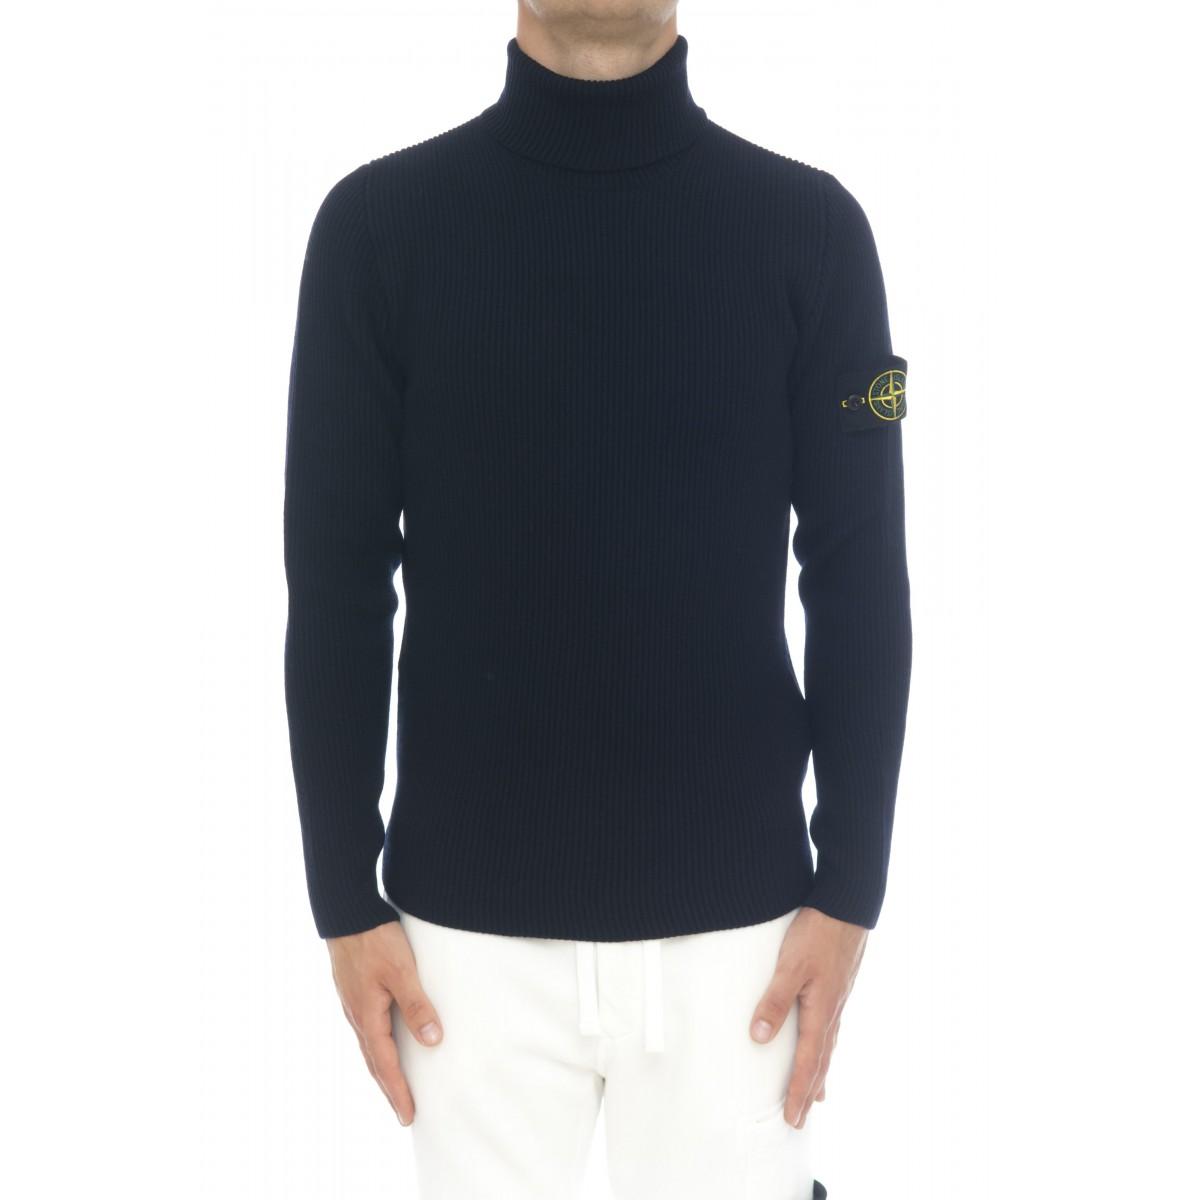 Maglia uomo - 522c2 maglia costa inglese collo alto